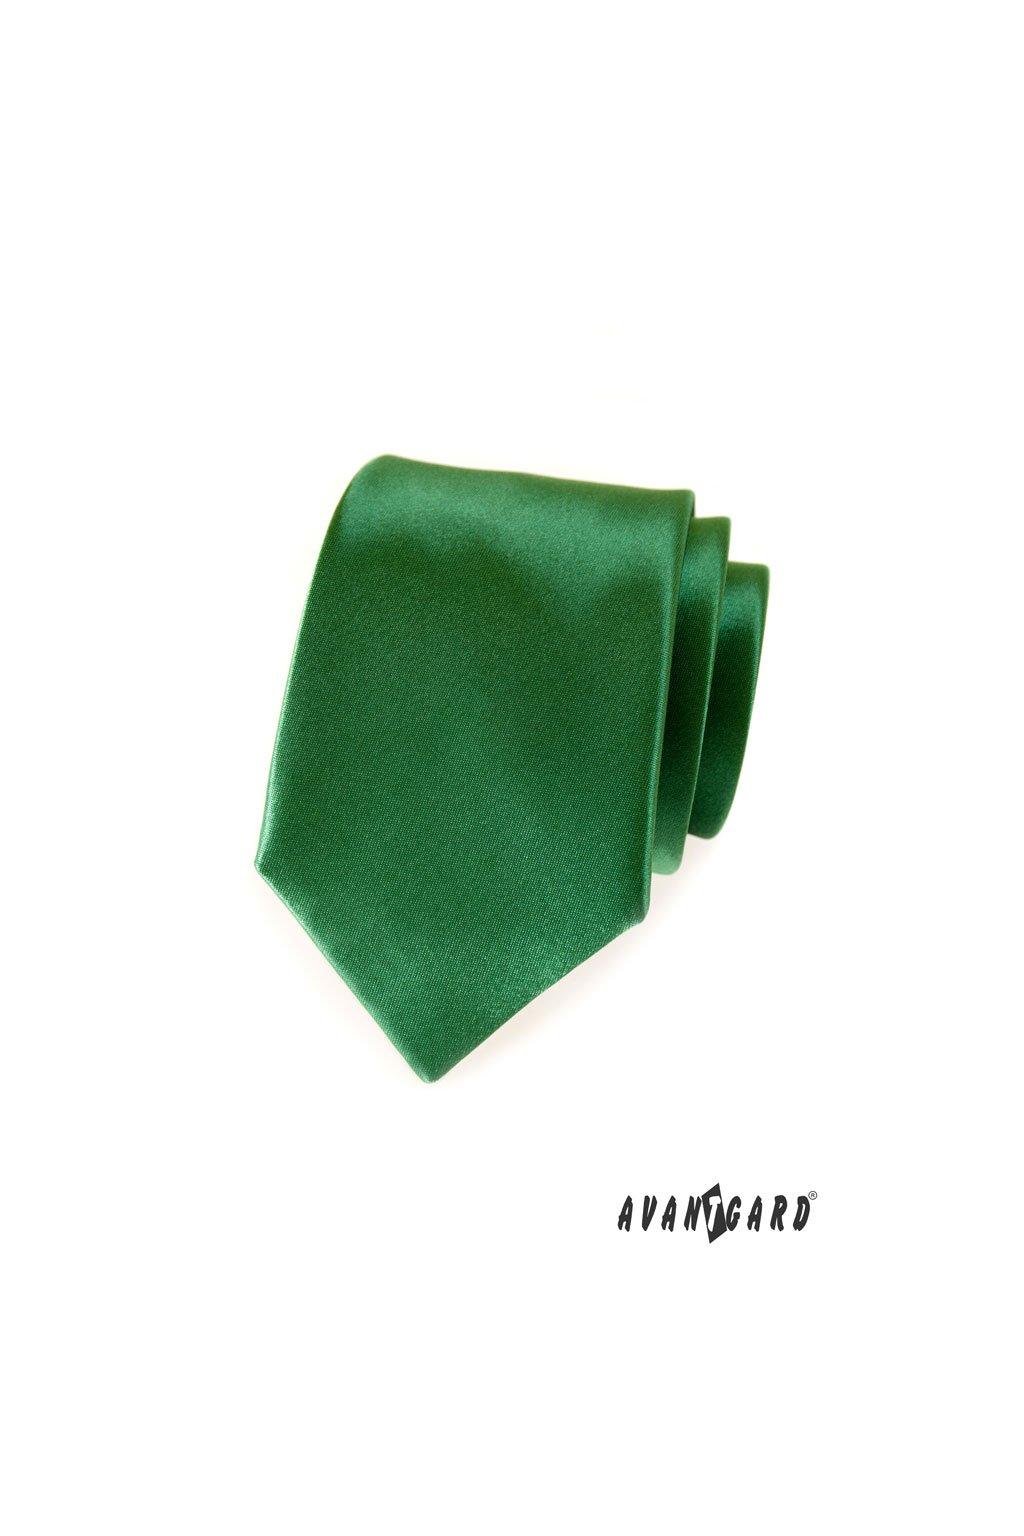 Kravata AVANTGARD LUX zelená 561 - 9023